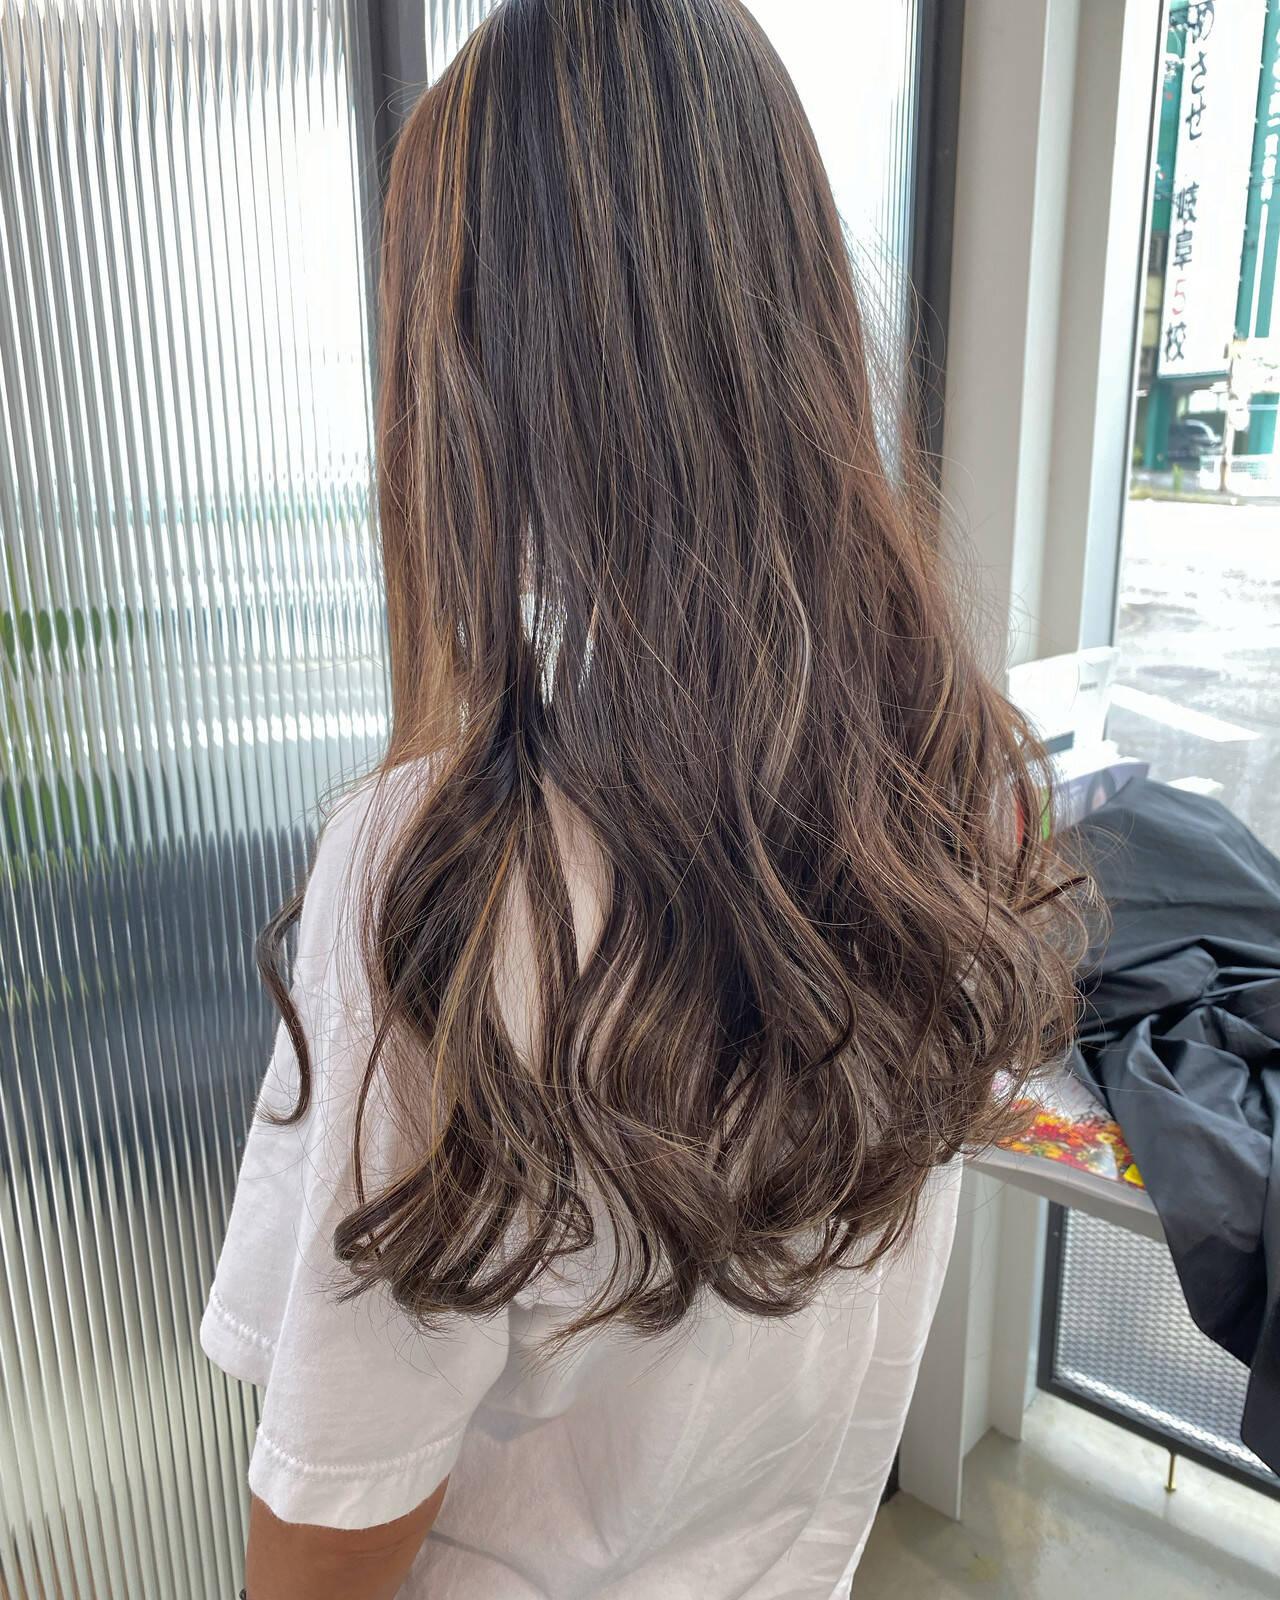 ロング ストリート グレージュ ブリーチカラーヘアスタイルや髪型の写真・画像